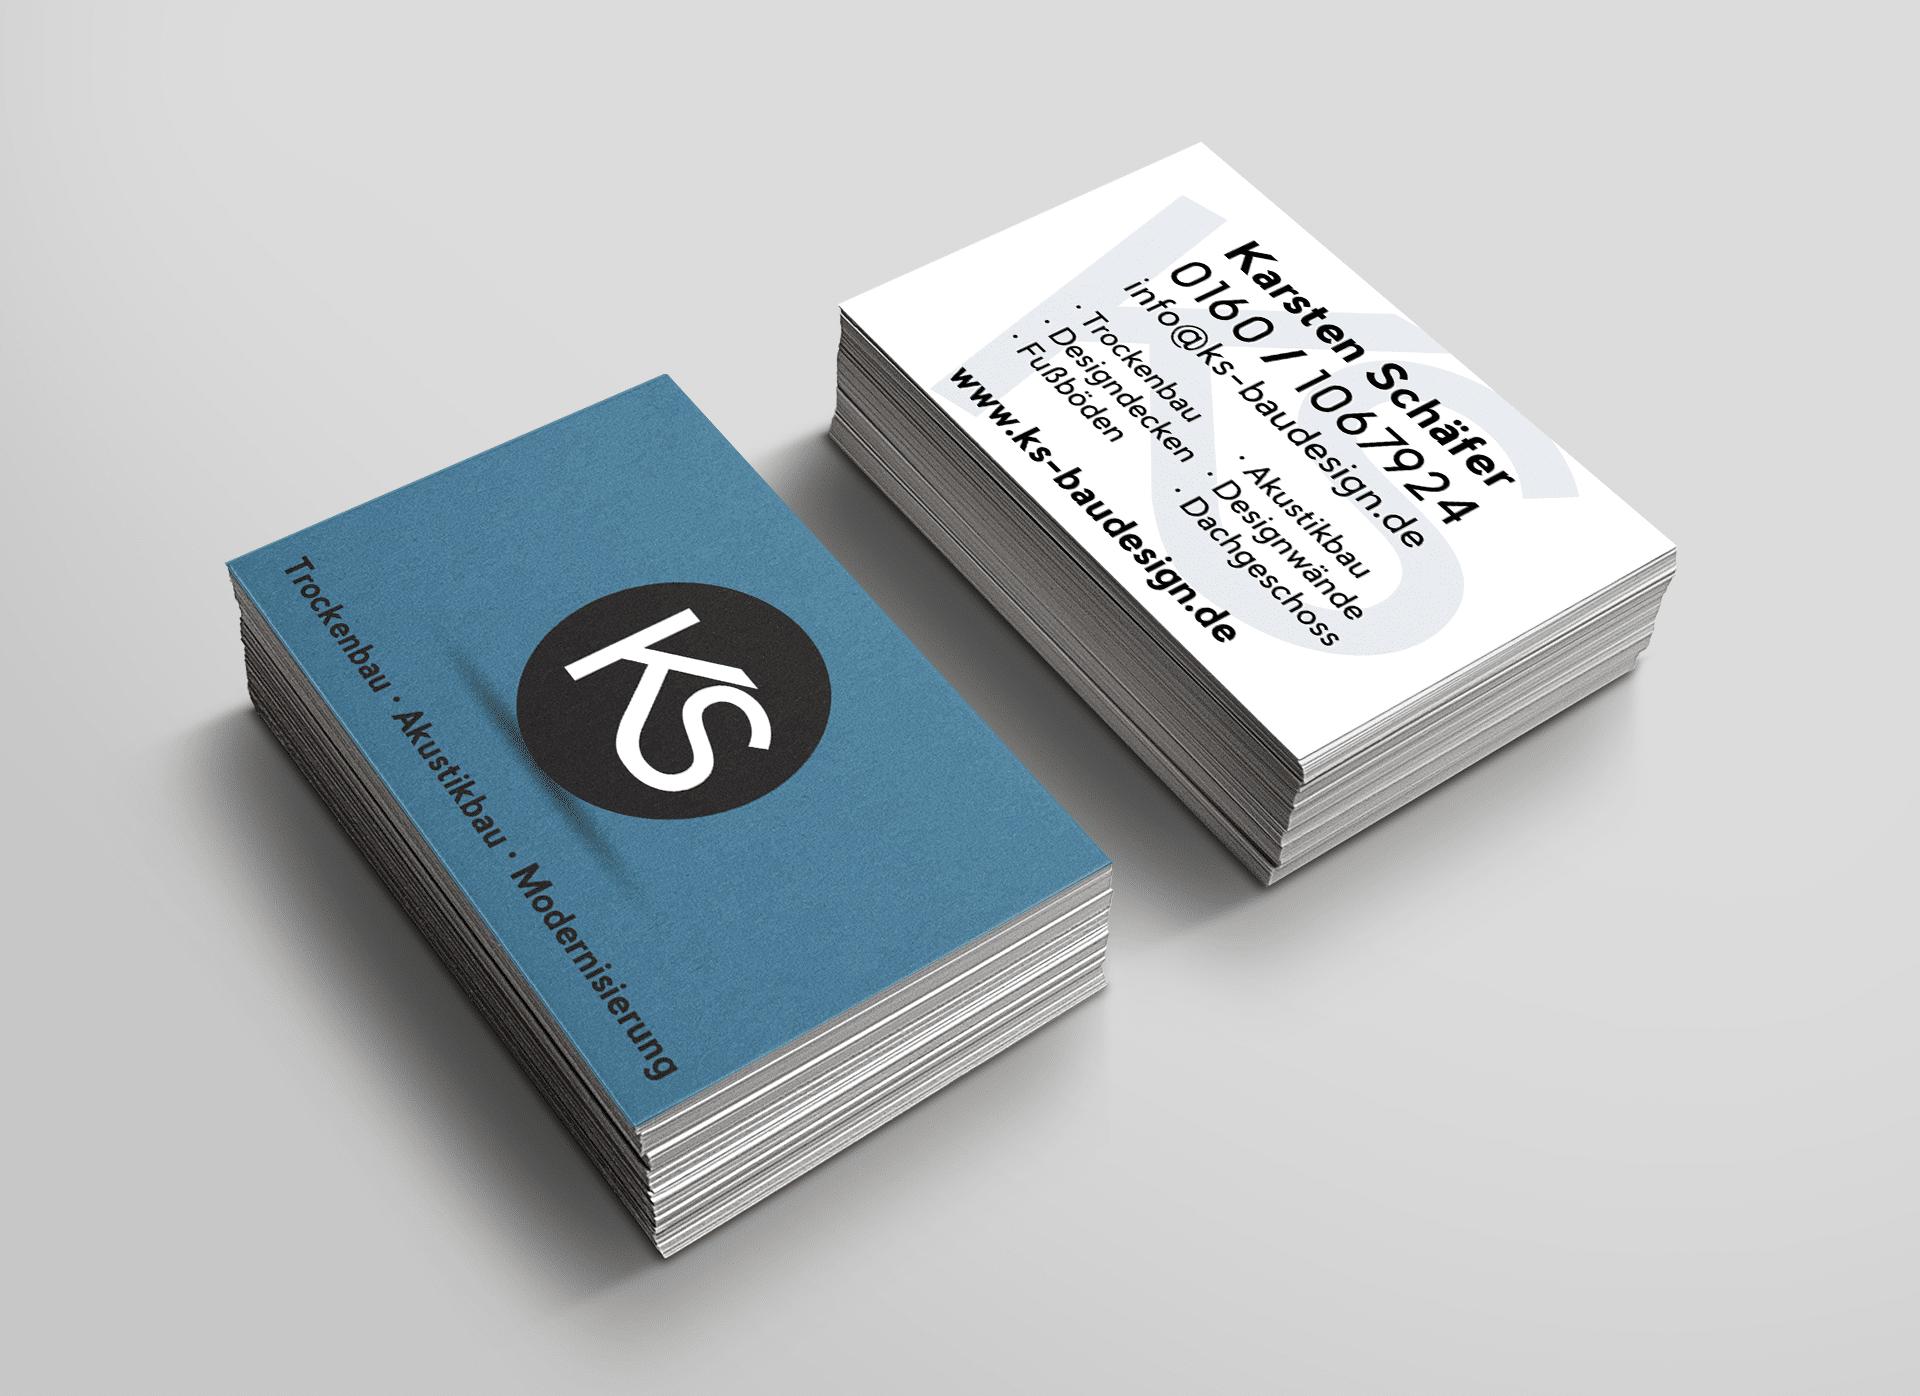 KS Baudesign Startseite Webseite Webdesign Webauftritt Website Corporate Design Logo Design Grafik Visitenkarte Geschäftsausstattung